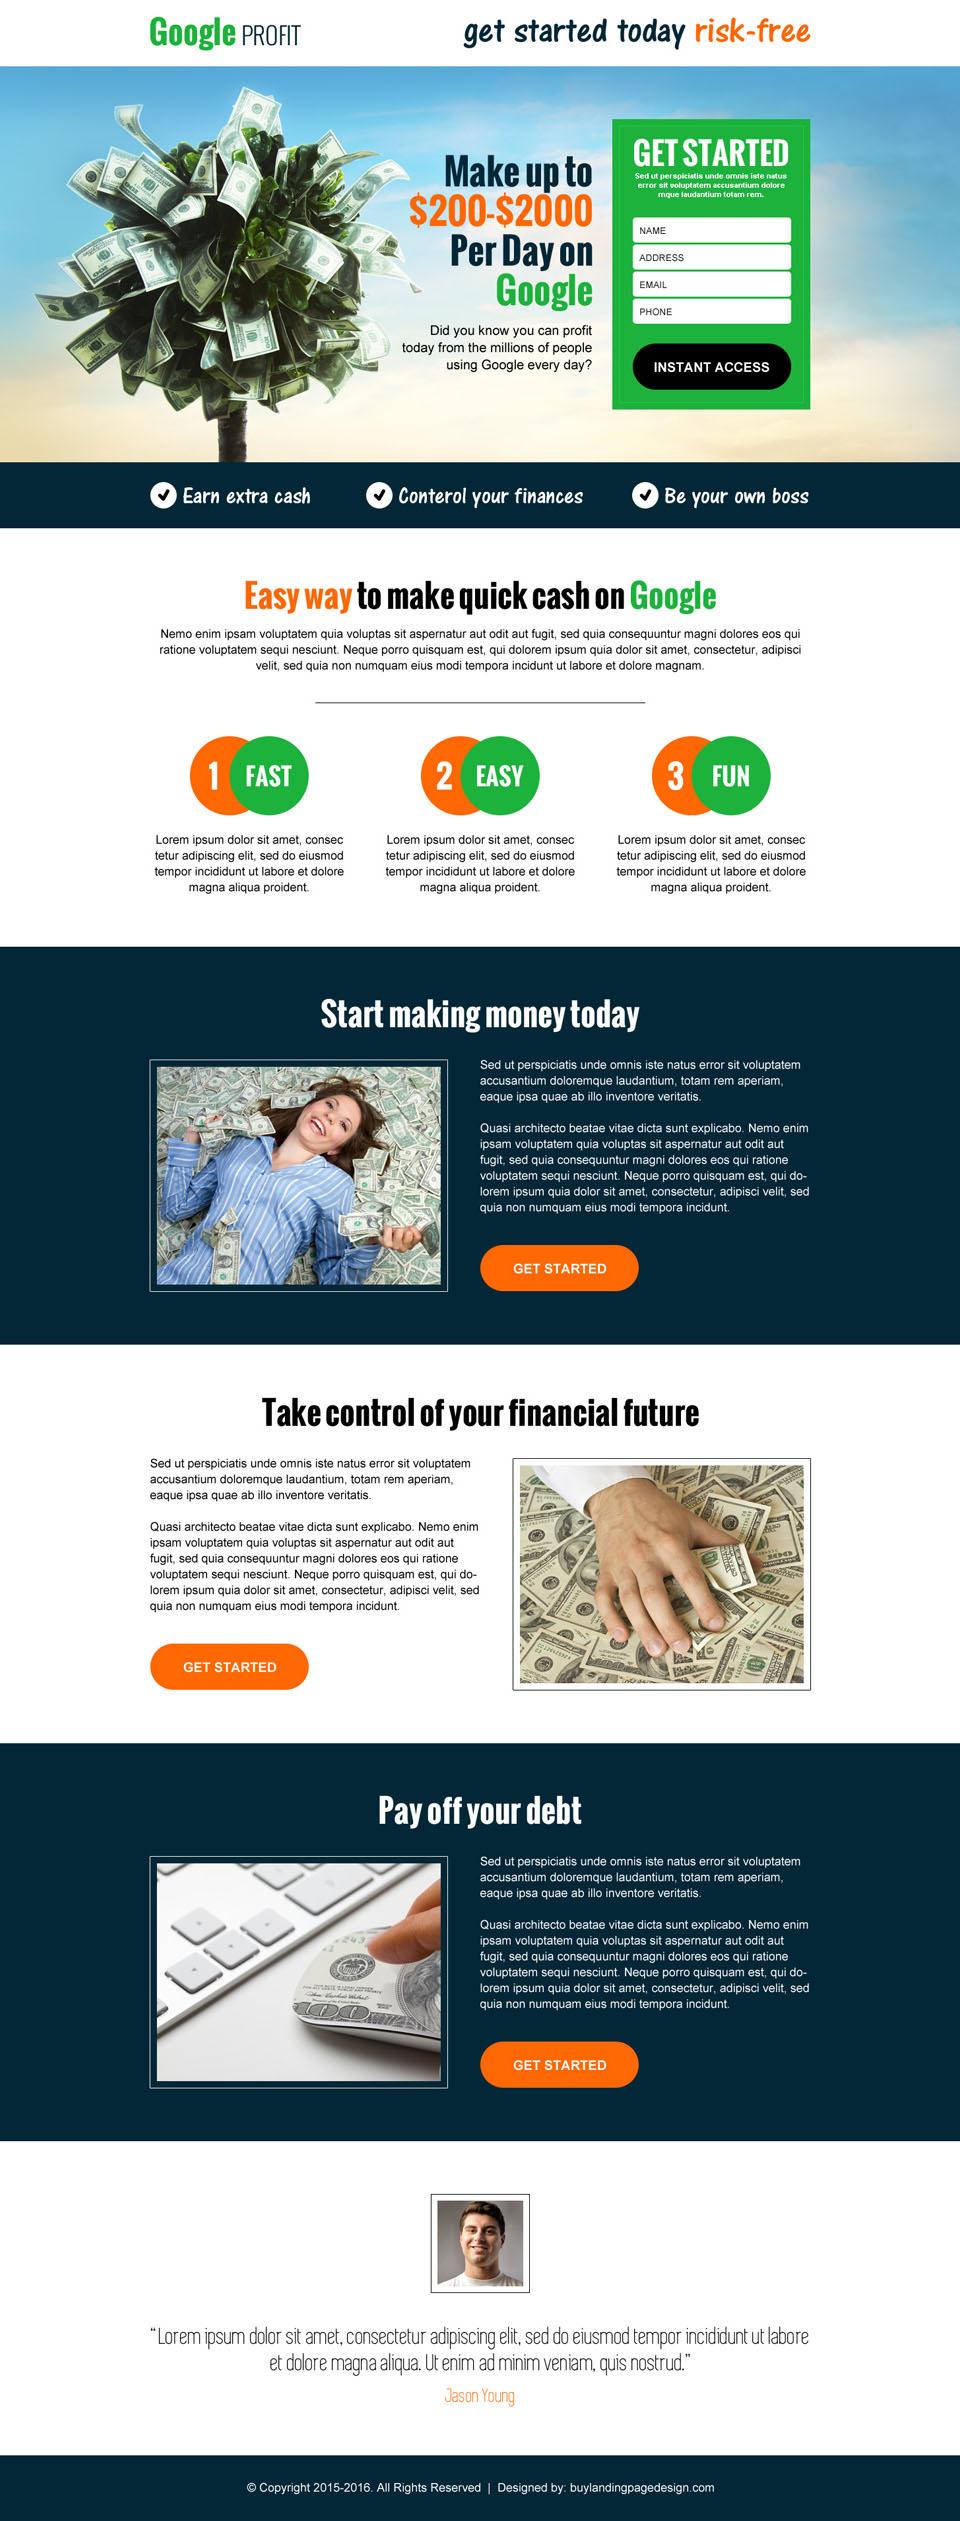 google-money-responsive-lead-capture-landing-page-design-for-quick-cash-001